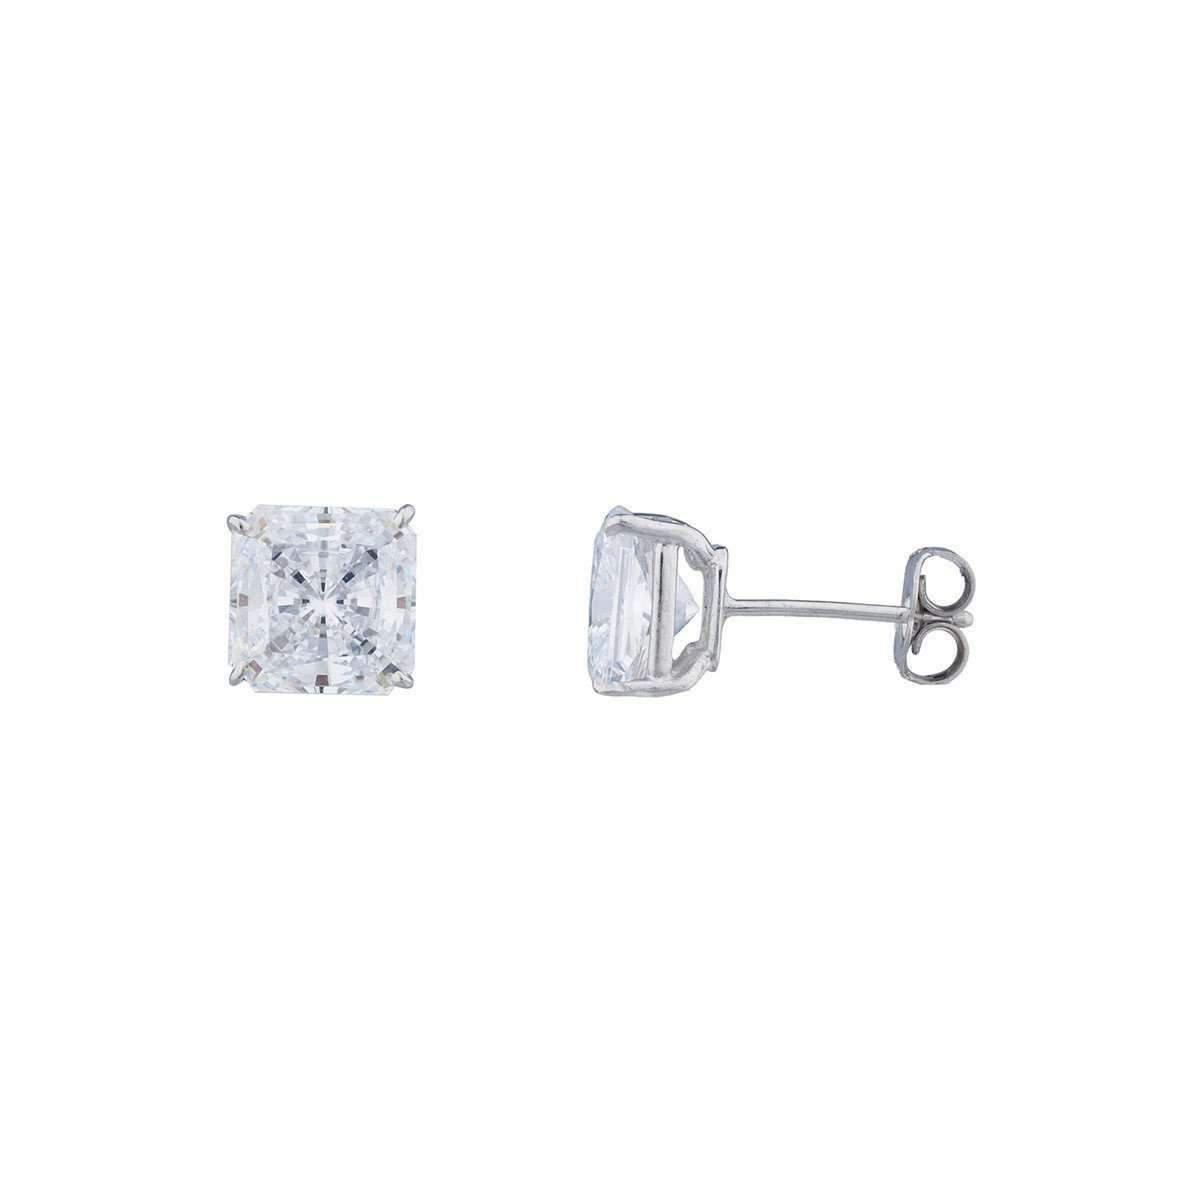 Fantasia 14kt White Gold 5ct Princess Stud Earrings kXjtgzZ